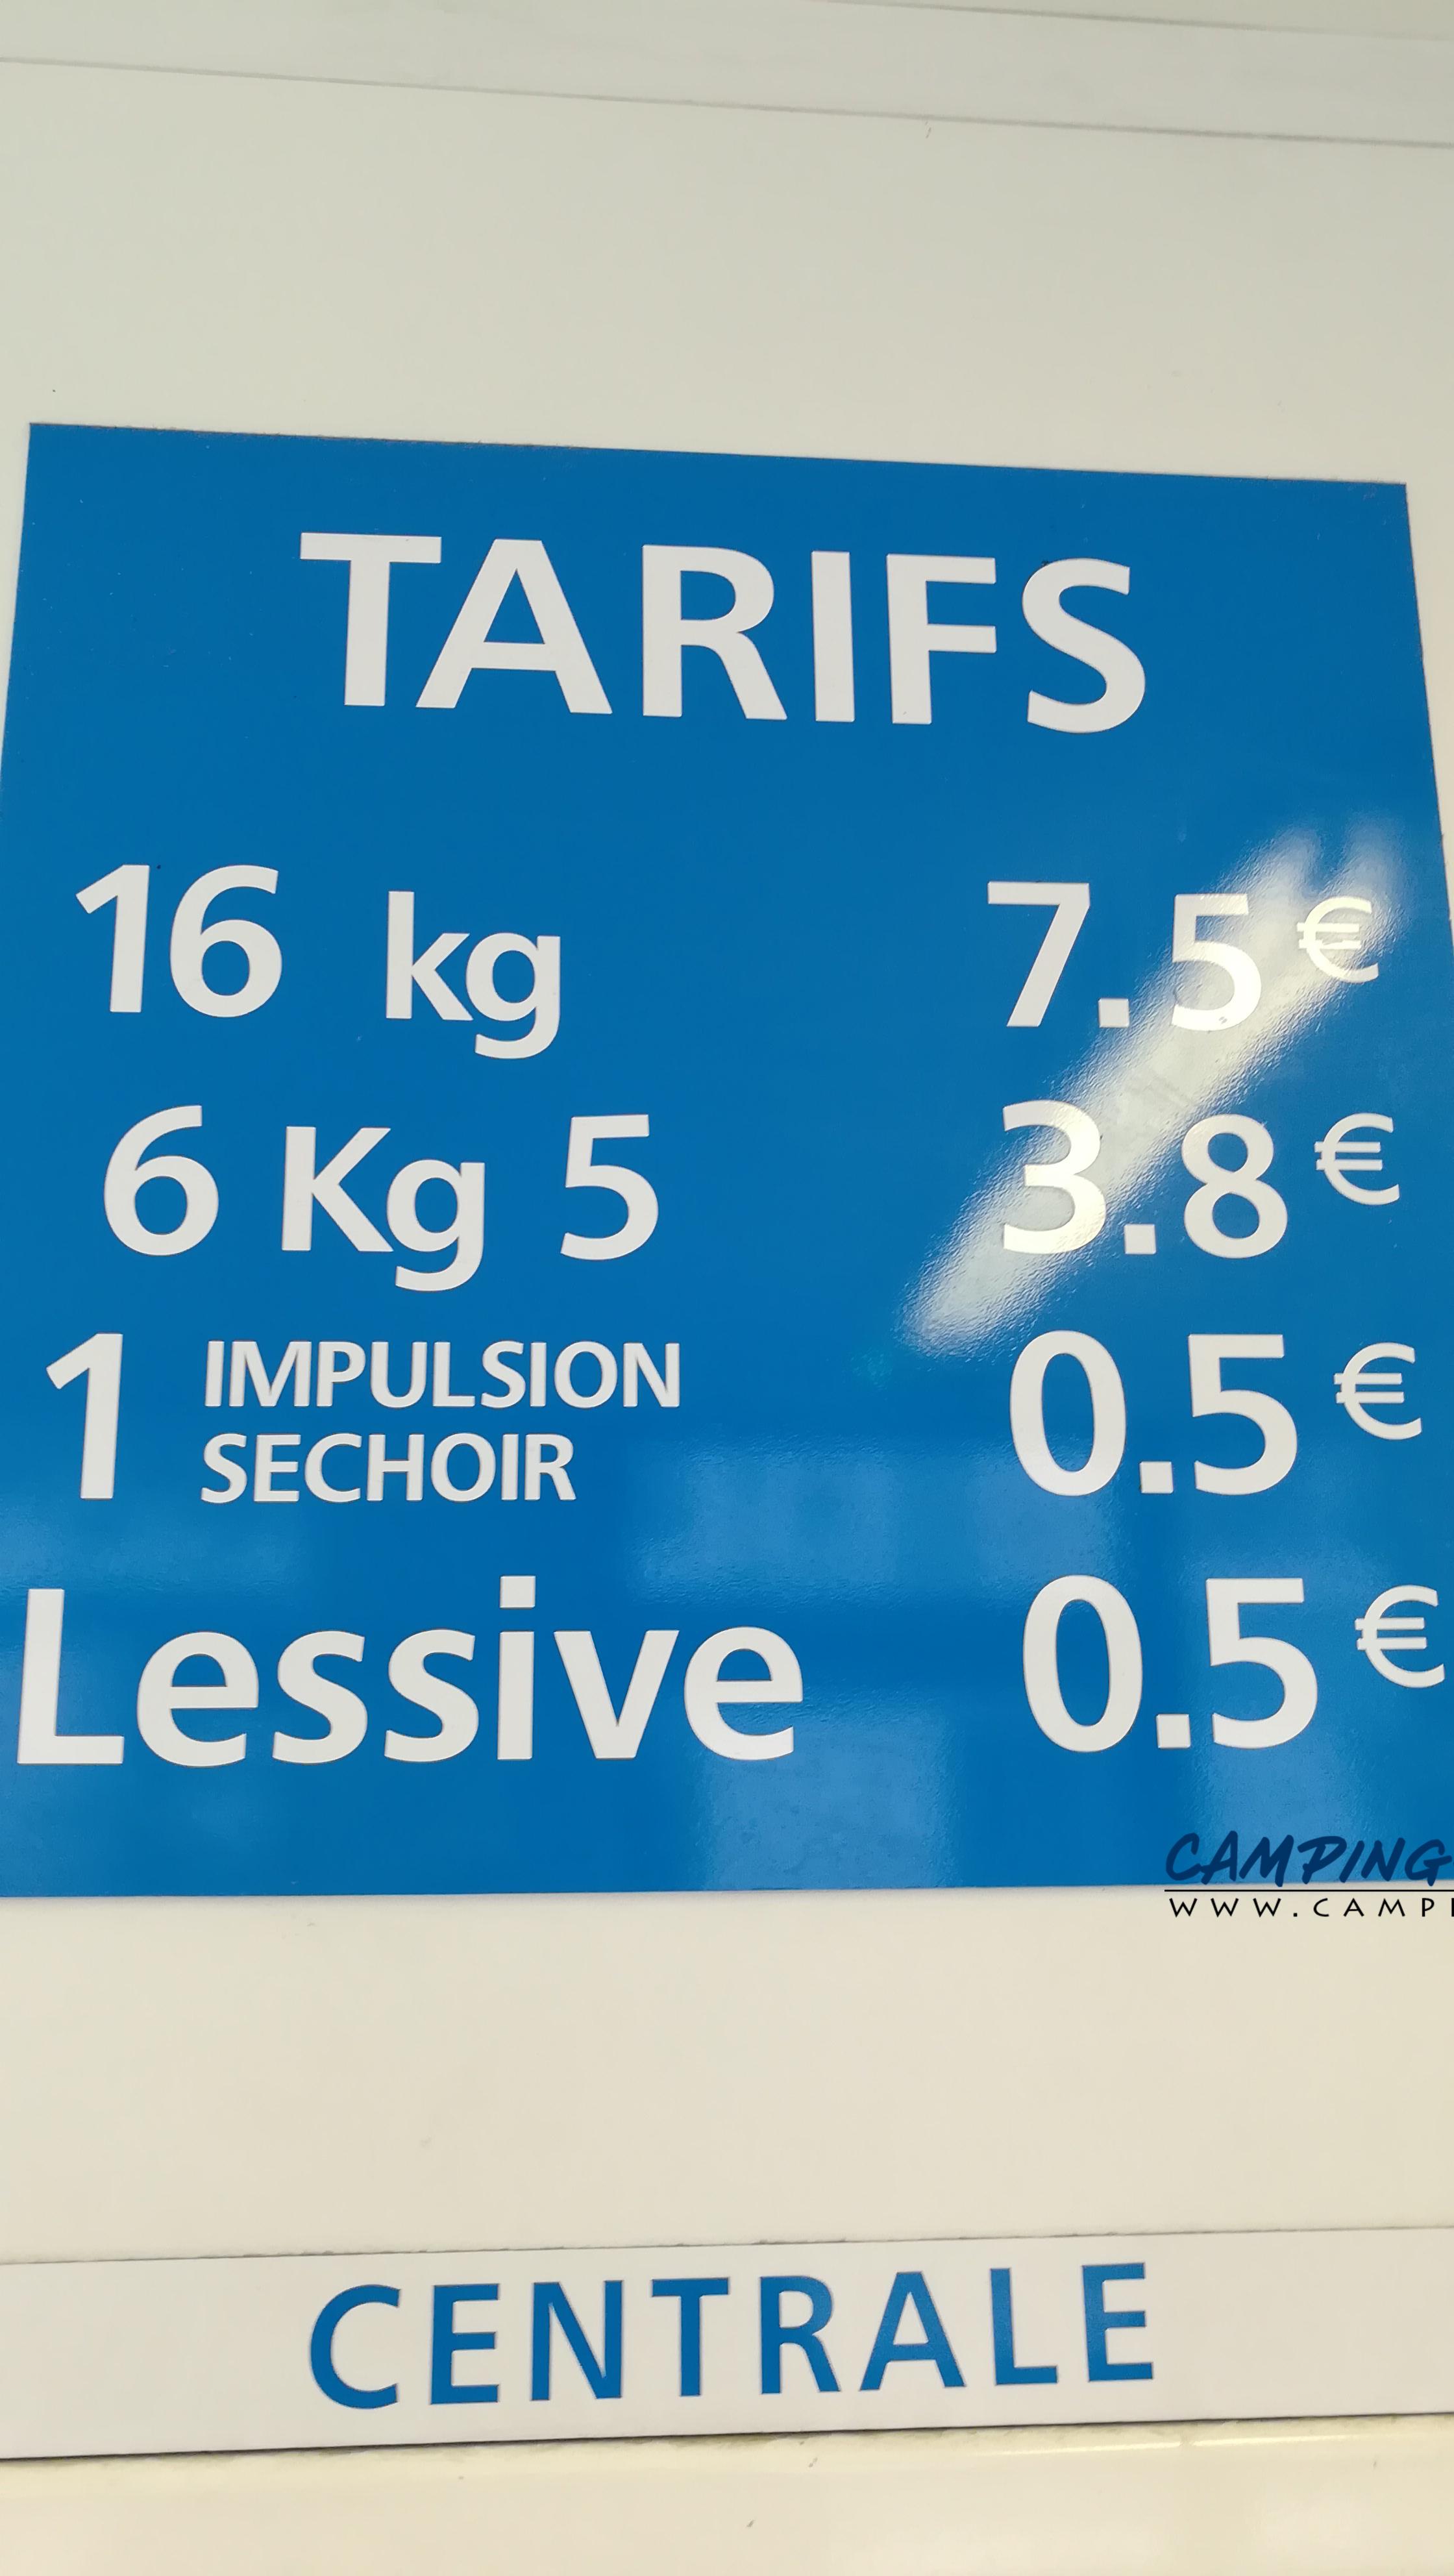 aire services camping car Plougastel-Daoulas Finistère Bretagne